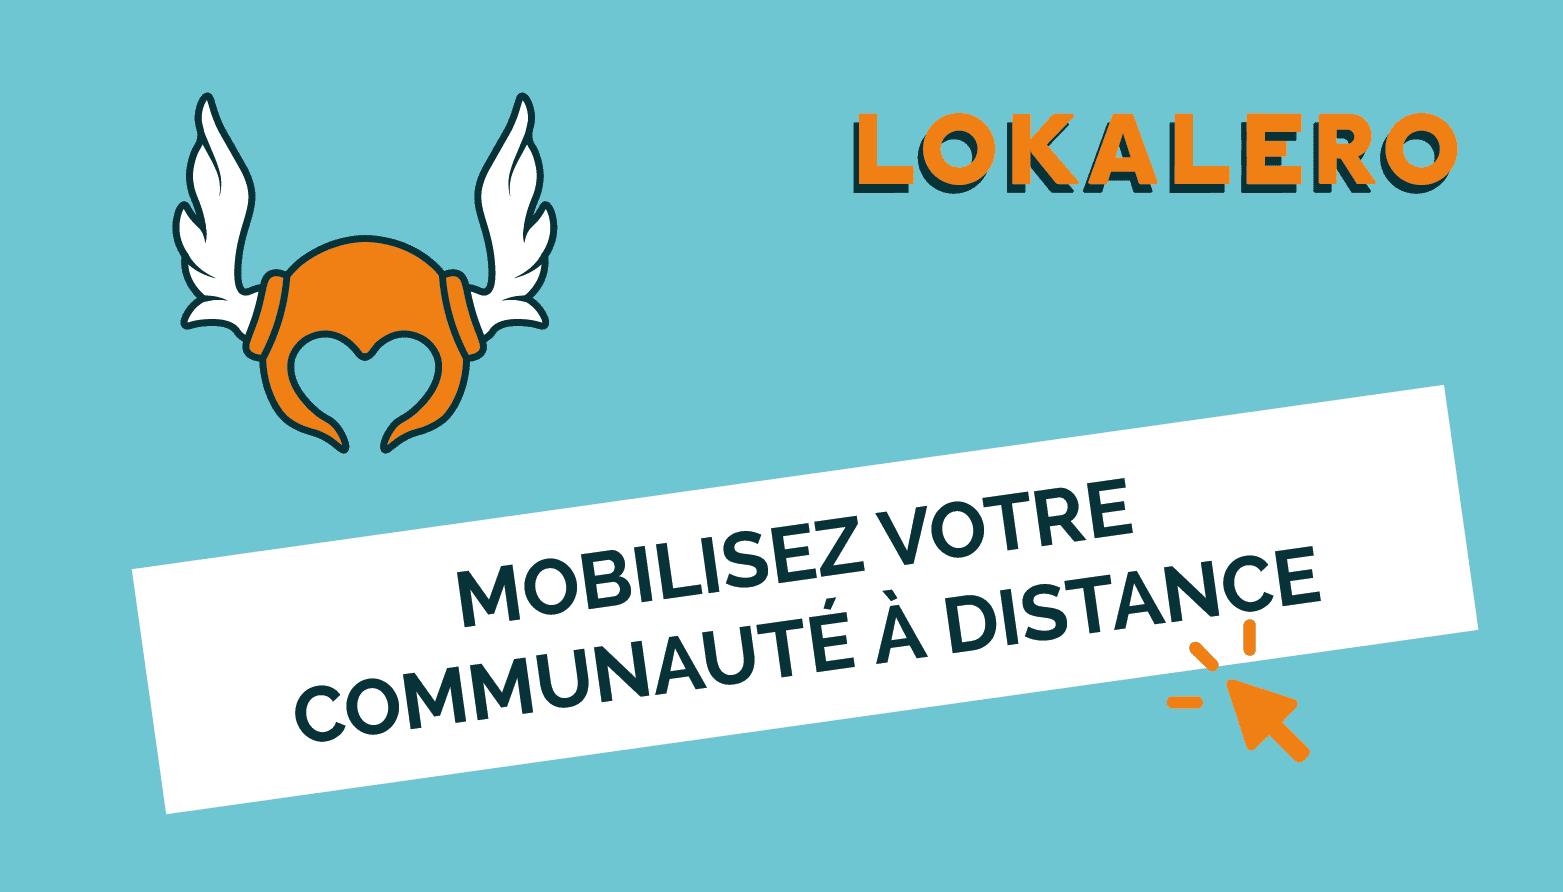 Mobilisez votre communauté à distance avec le Livestream LOKALERO